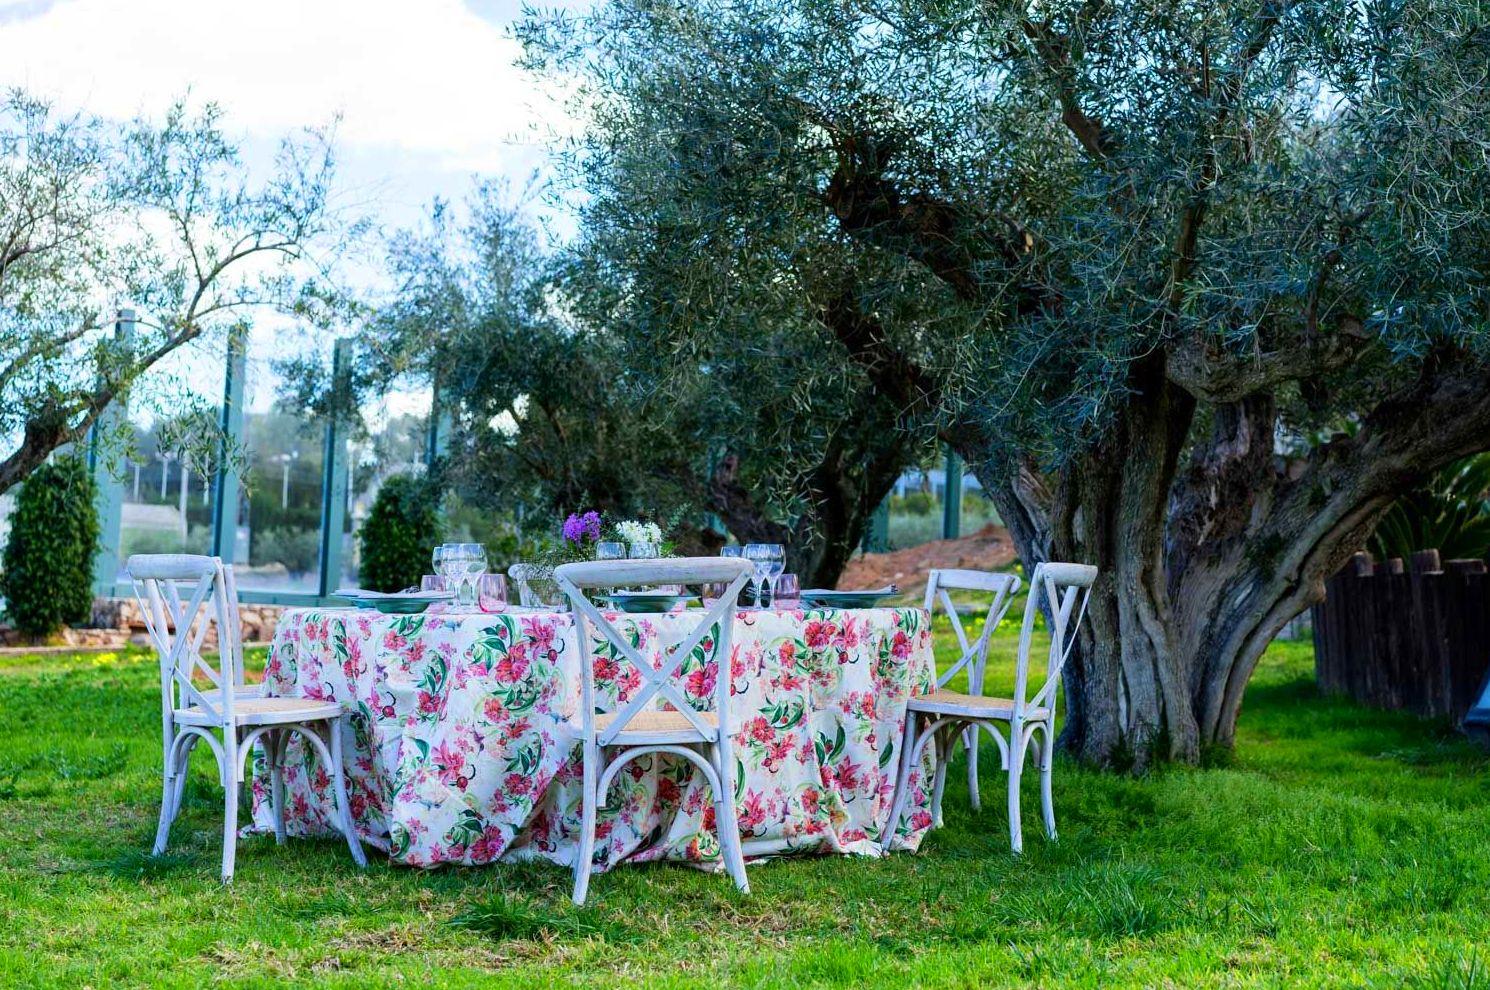 Foto 16 de Alquiler de sillas, mesas y menaje en El Palmar | Mantelería & Menaje